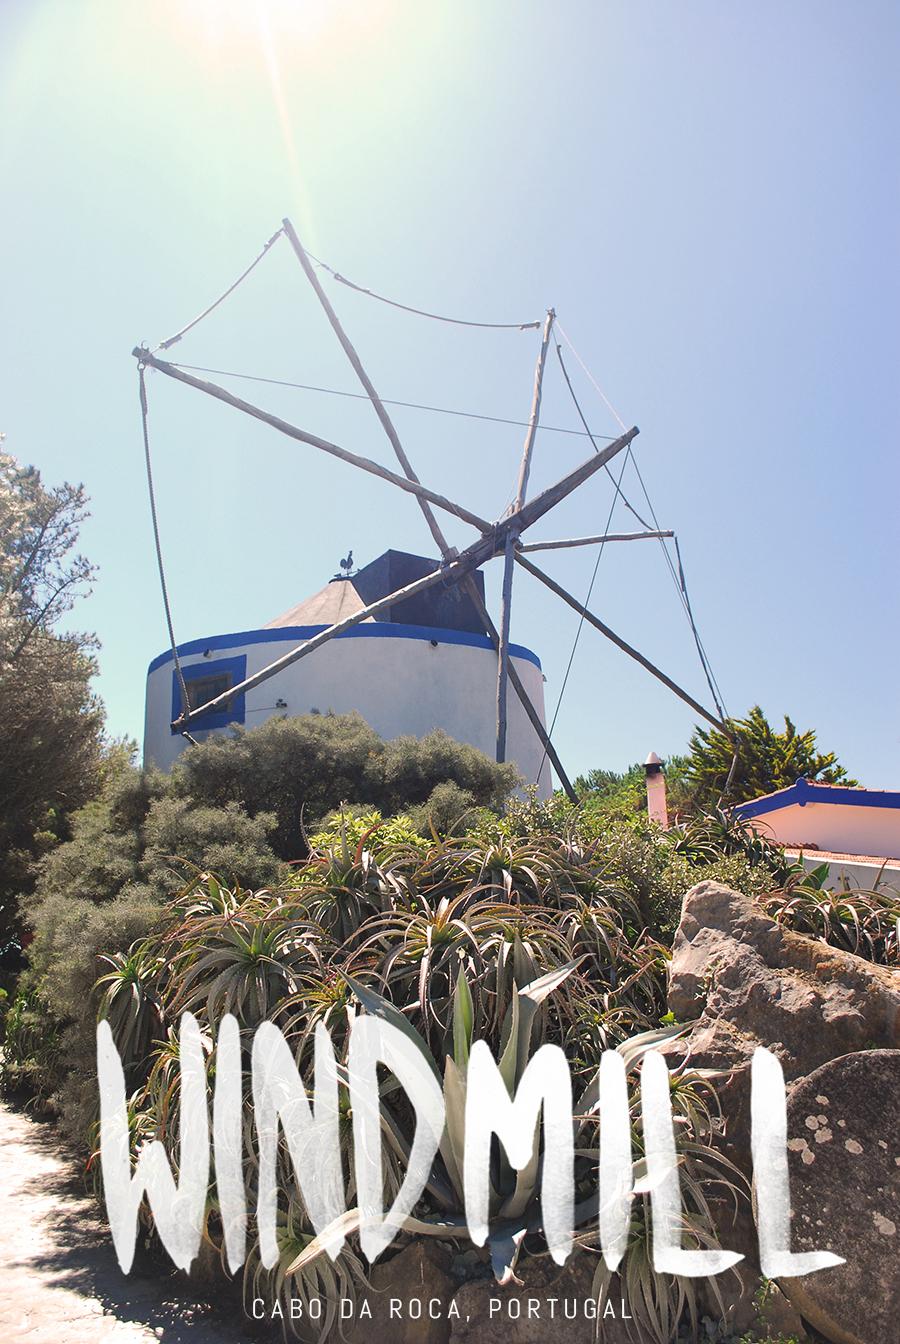 Dom Quixote Windmill, Cabo da Roca, Portugal | www.alicia-carvalho.com